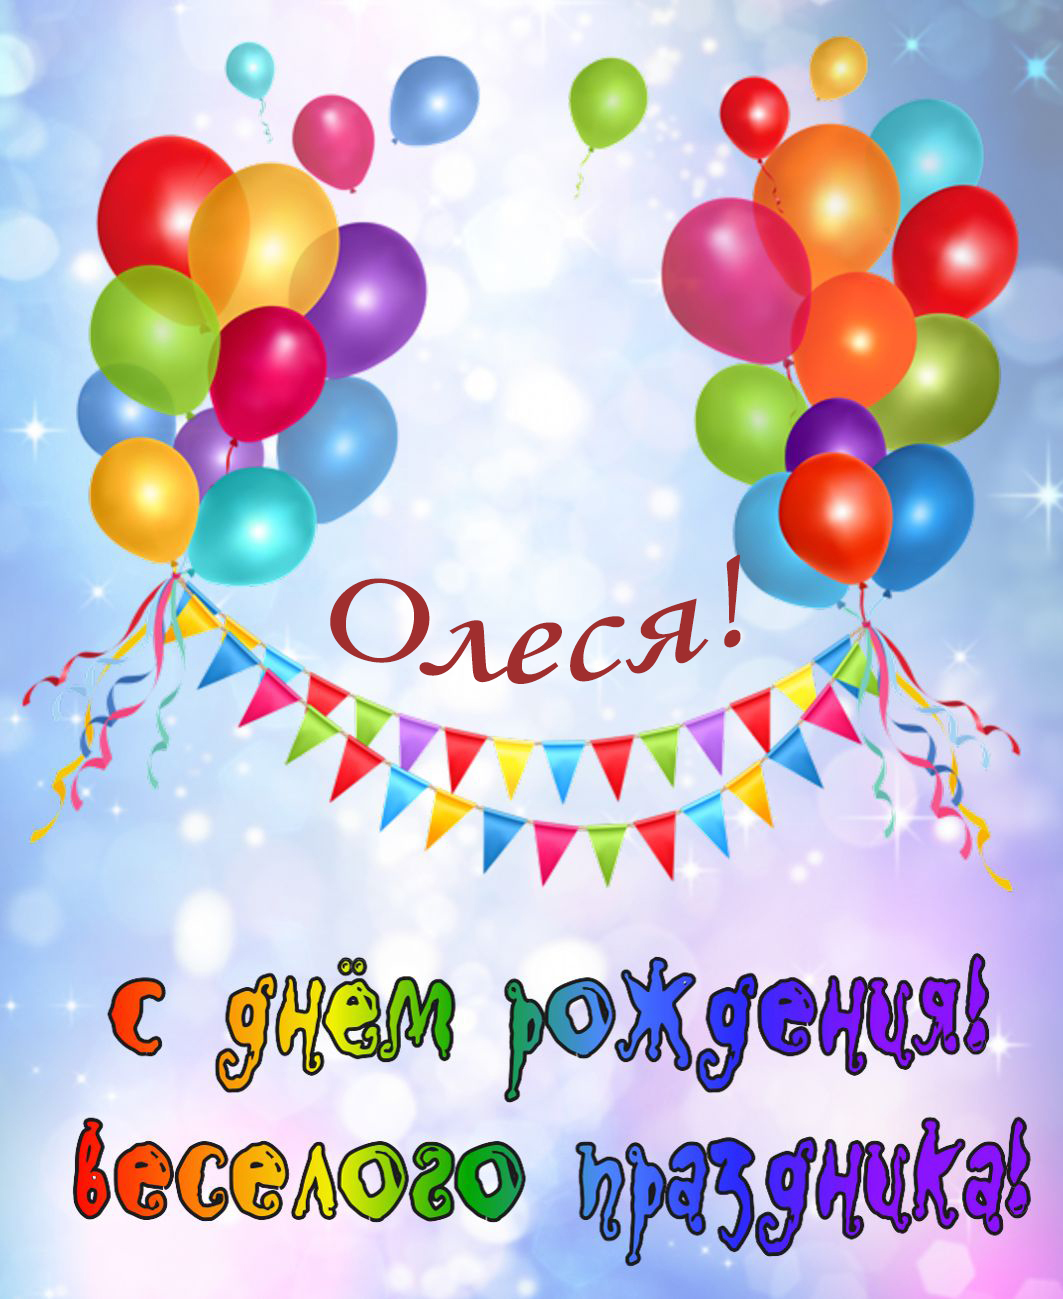 Открытка на День рождения Олесе - воздушные шарики в красивом оформлении